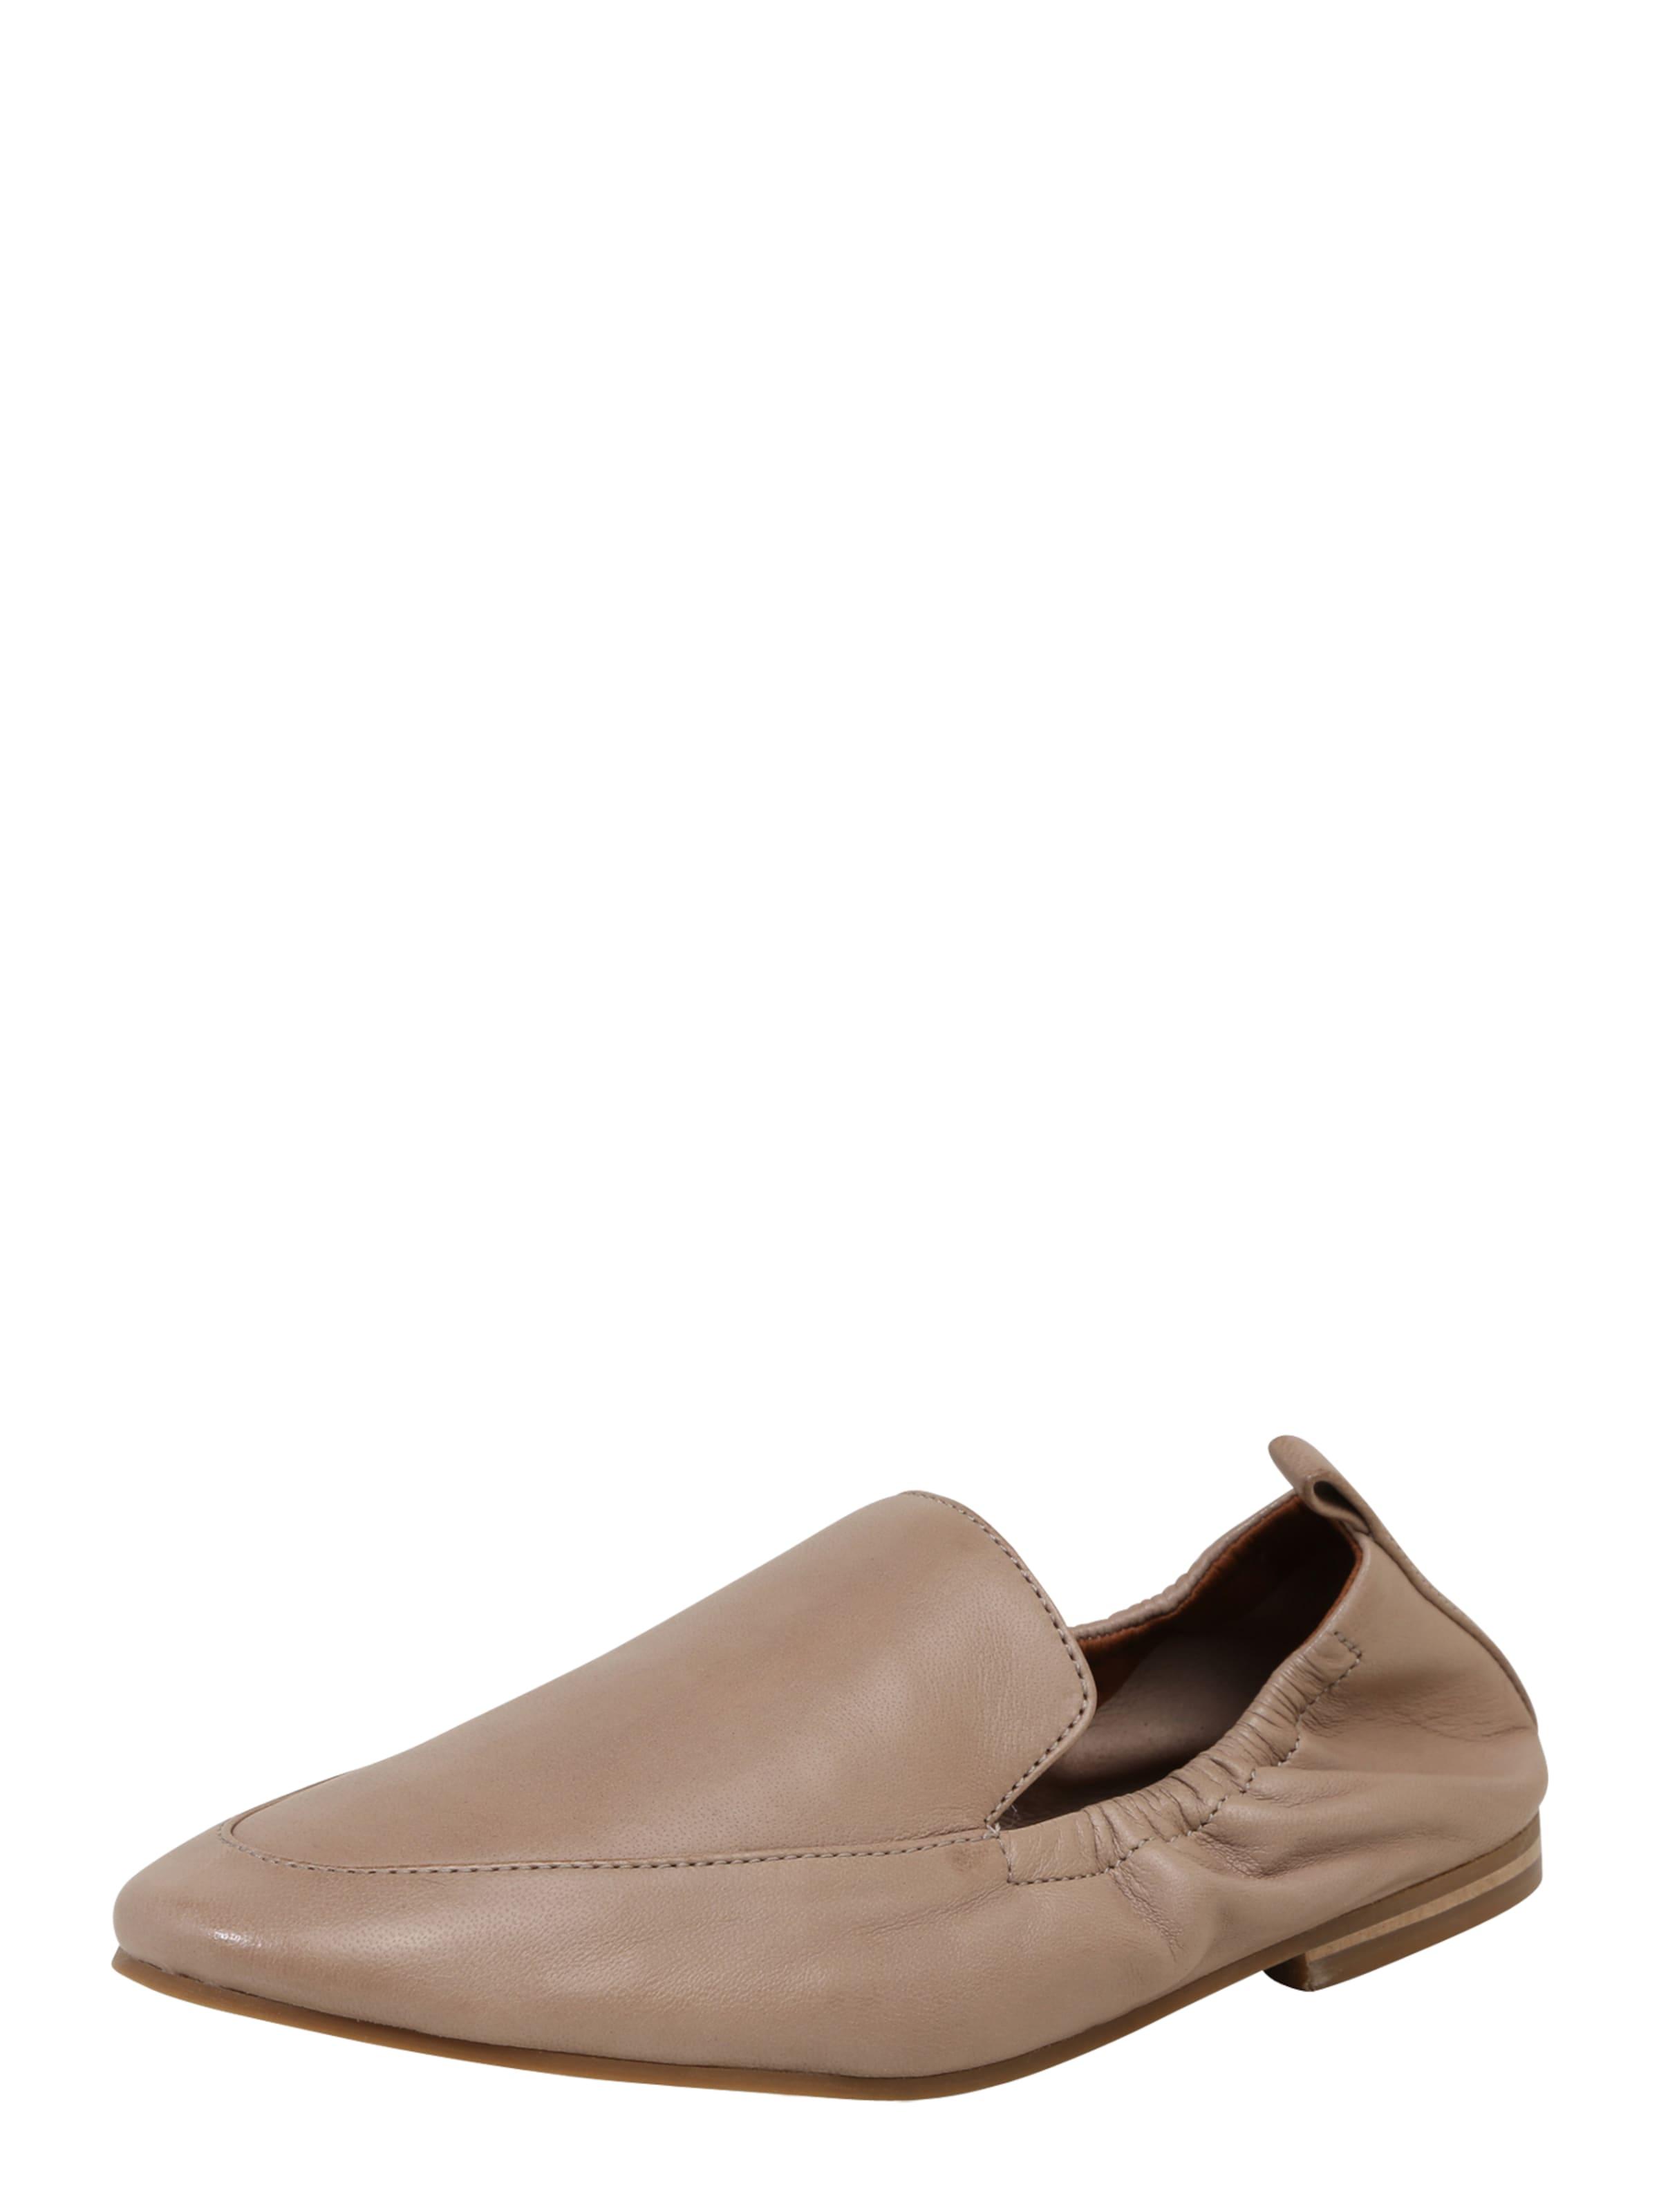 INUOVO Slipper Verschleißfeste billige Schuhe Hohe Qualität